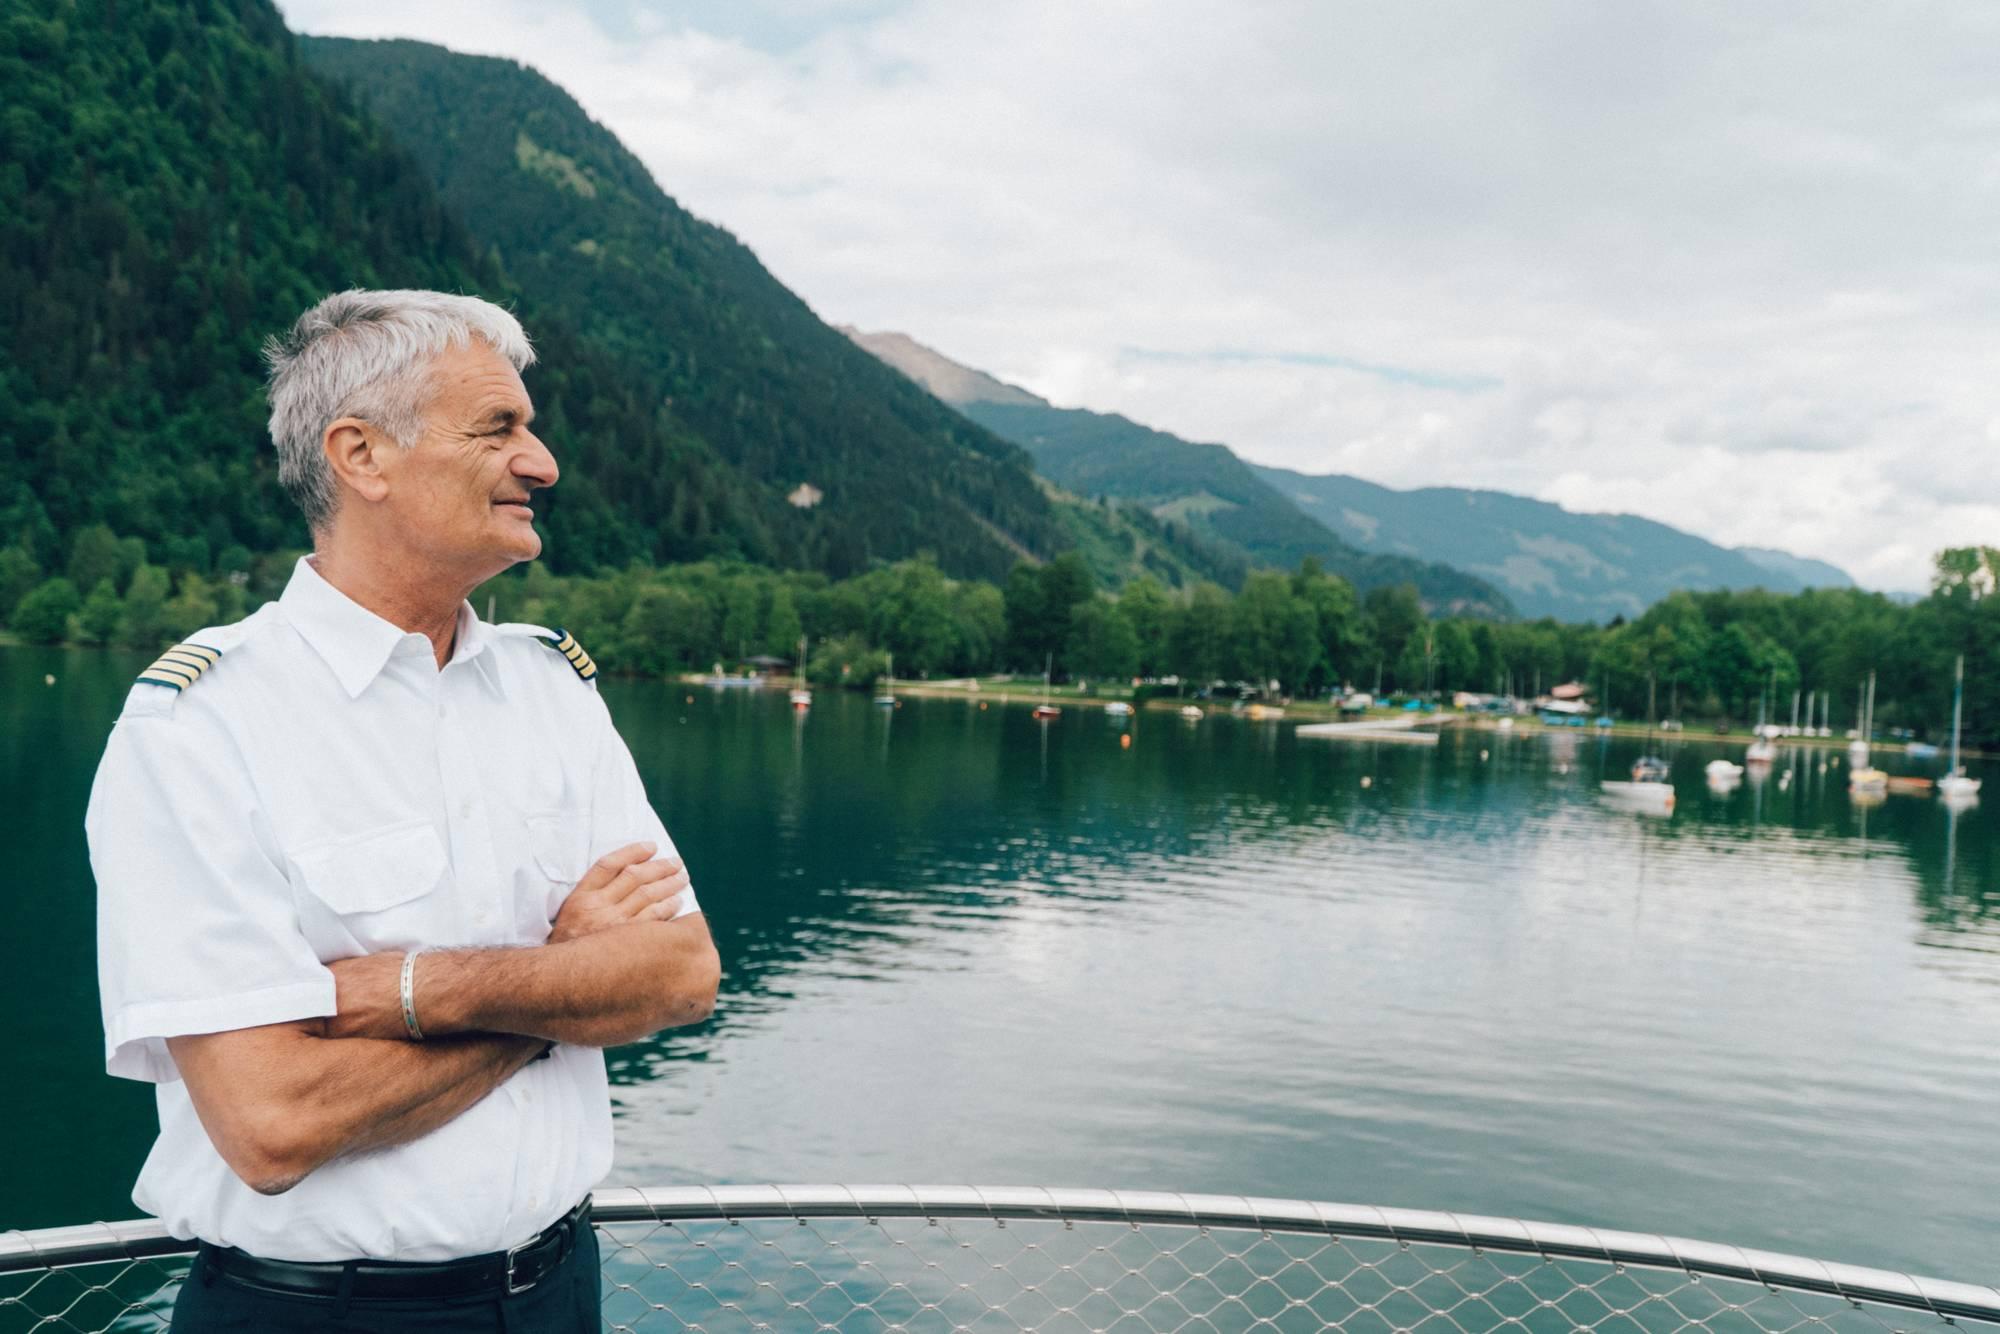 Captain Toni Fürstauer has everything in view